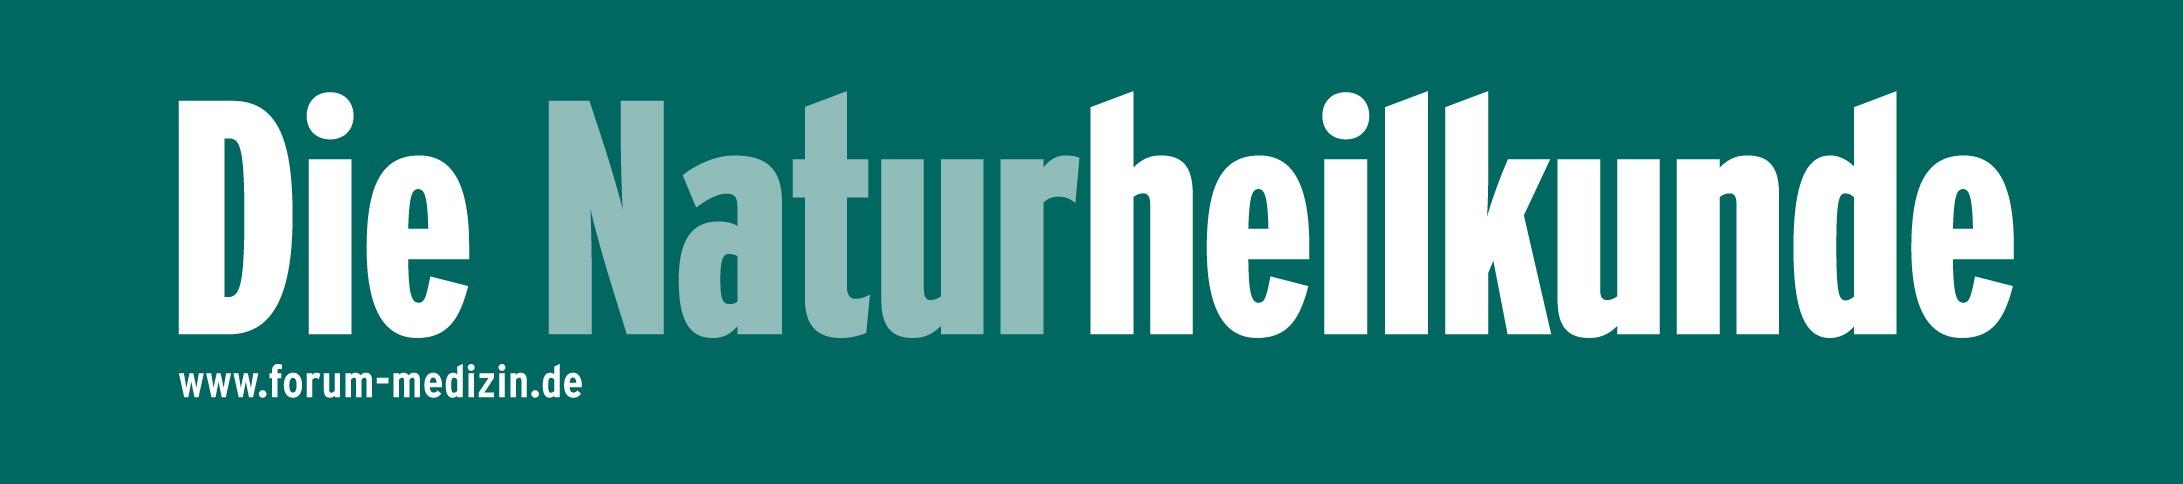 Dr. Riker: Homöopathie und Herzgesundheit